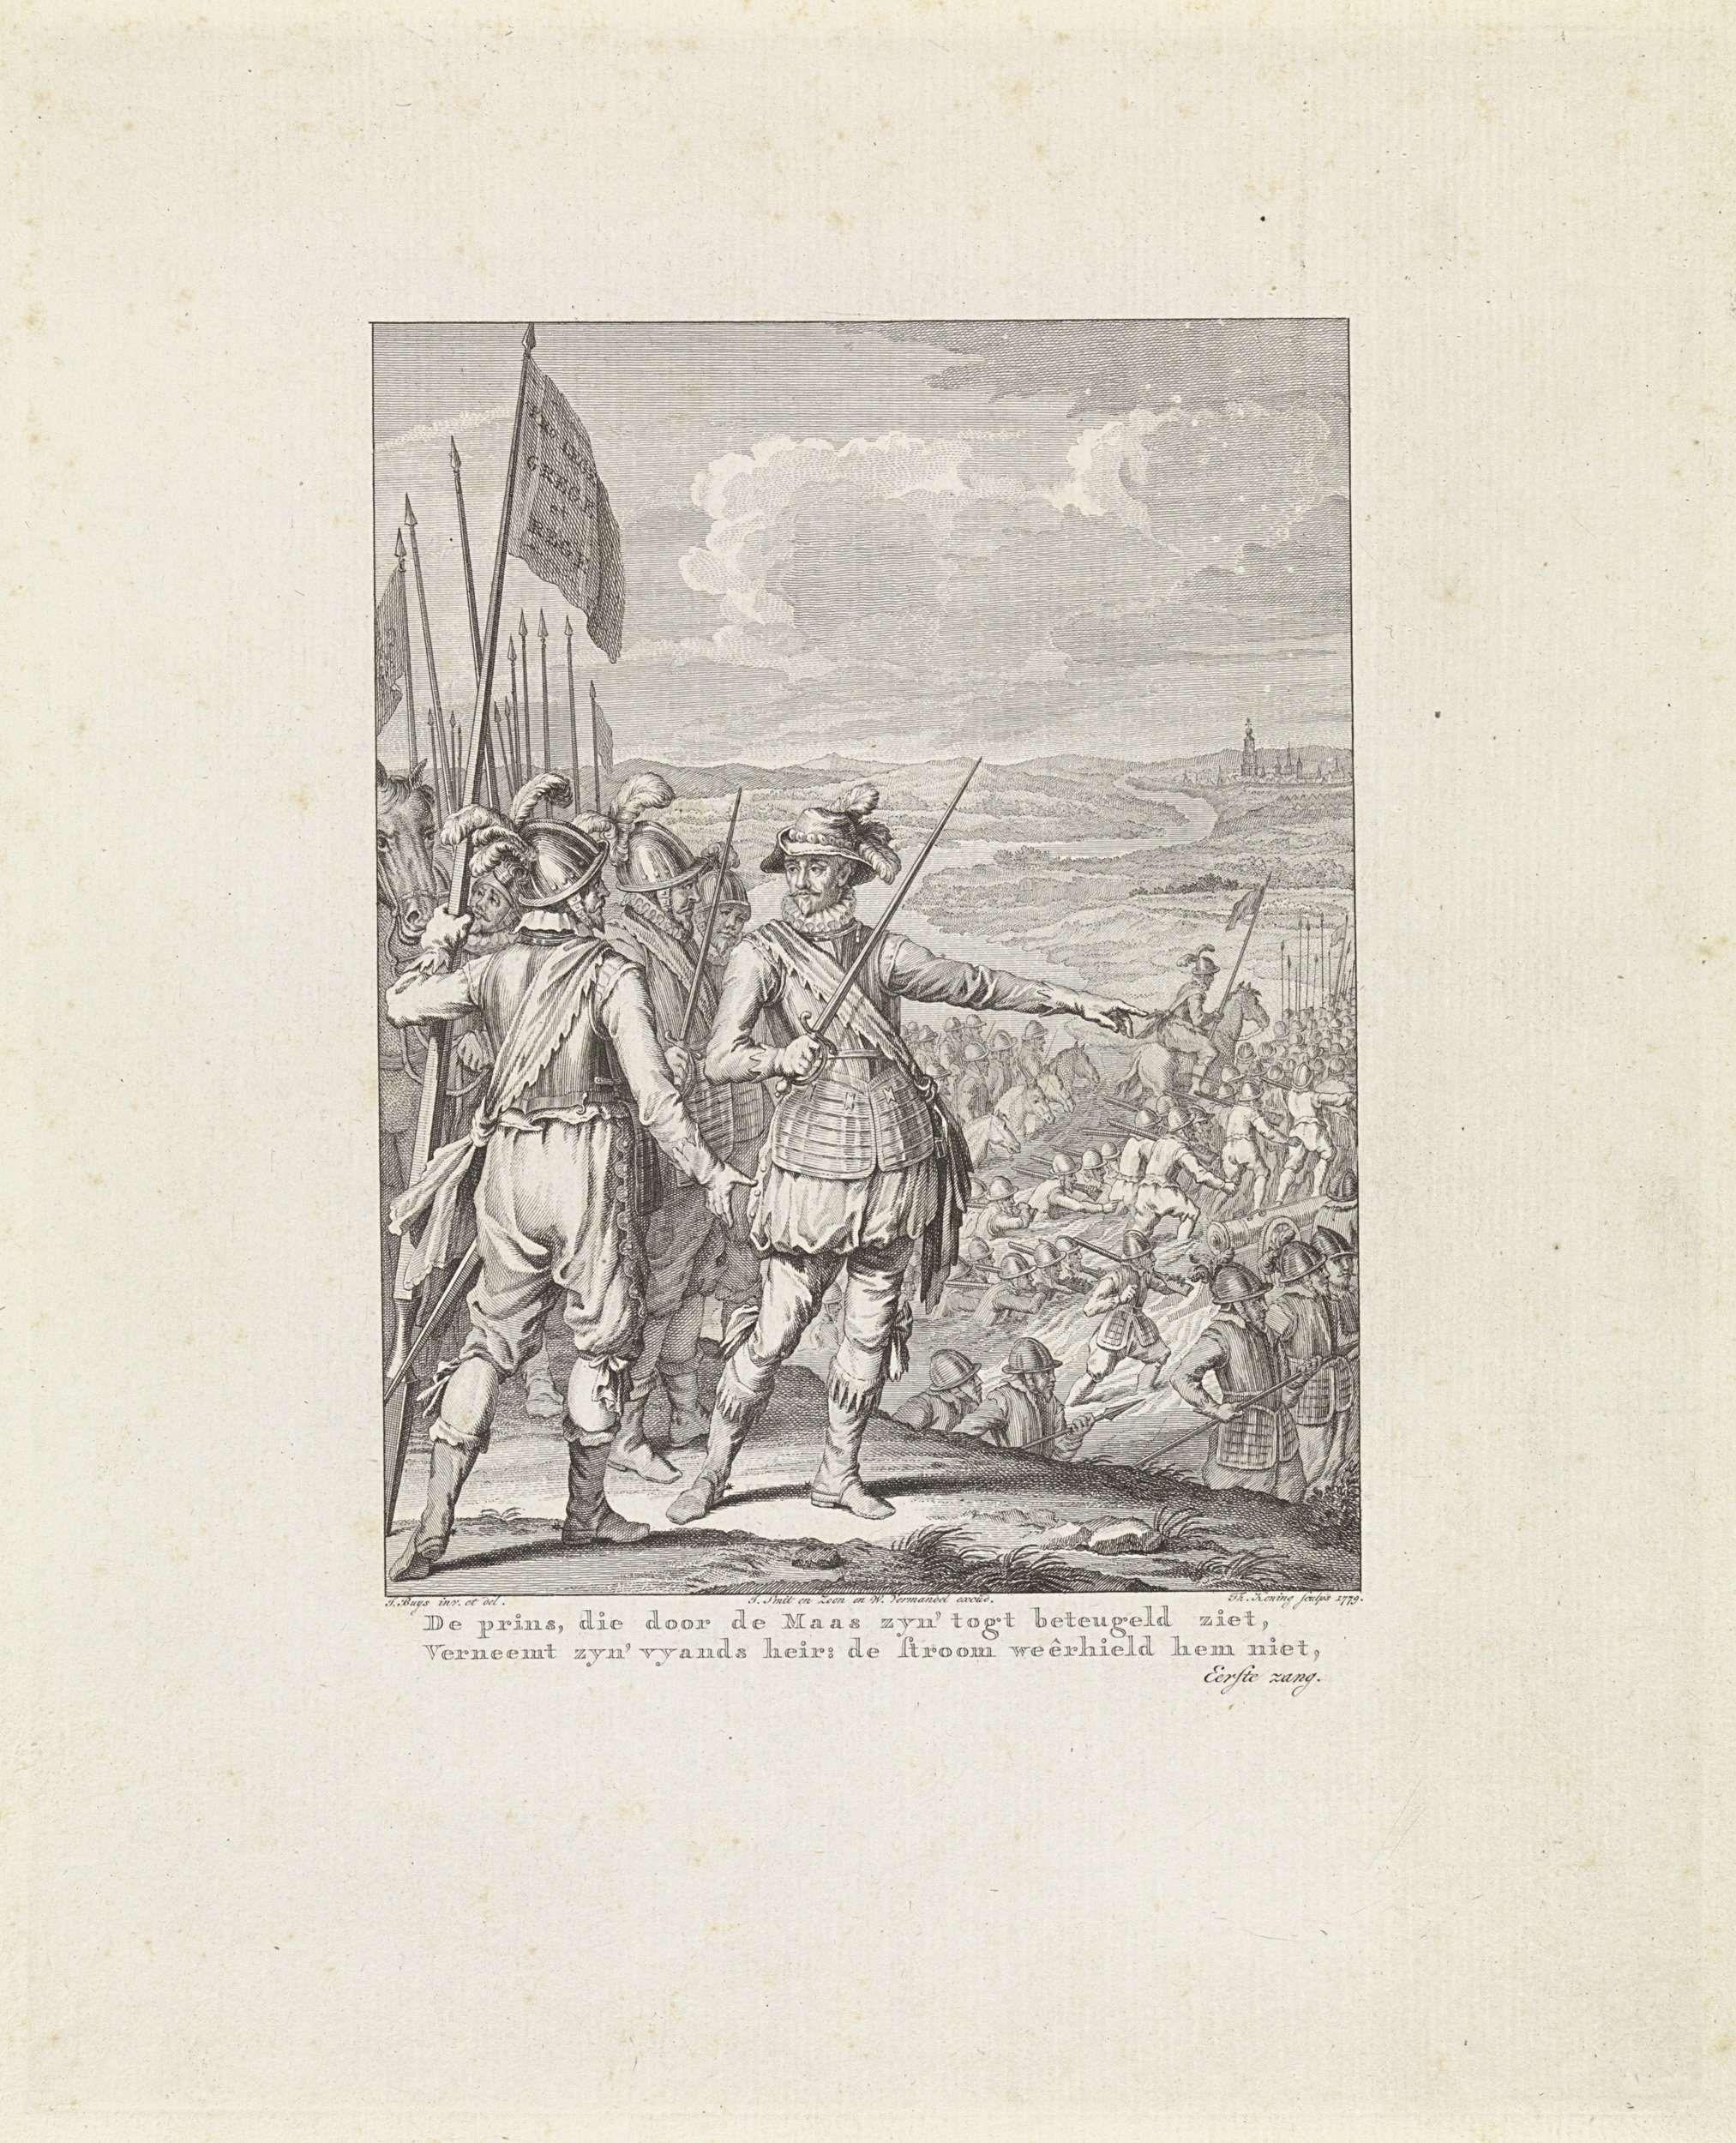 Theodoor Koning | Prins van Oranje trekt over de Maas, 1568, Theodoor Koning, Johannes Smit & Zoon, Willem Vermandel, 1779 | Willem van Oranje trekt in de nacht van 5 op 6 oktober 1568 met zijn manschappen de Maas tussen Maastricht en Maaseik over. Willem van Oranjestaat op de voorgrond tussen zijn officieren en wijst zijn leger de weg bij het oversteken van de Maas. Deze prent maakt deel uit van een serie van 24 prenten met taferelen uit het leven van prins Willem I, 1568-1584 en is een…